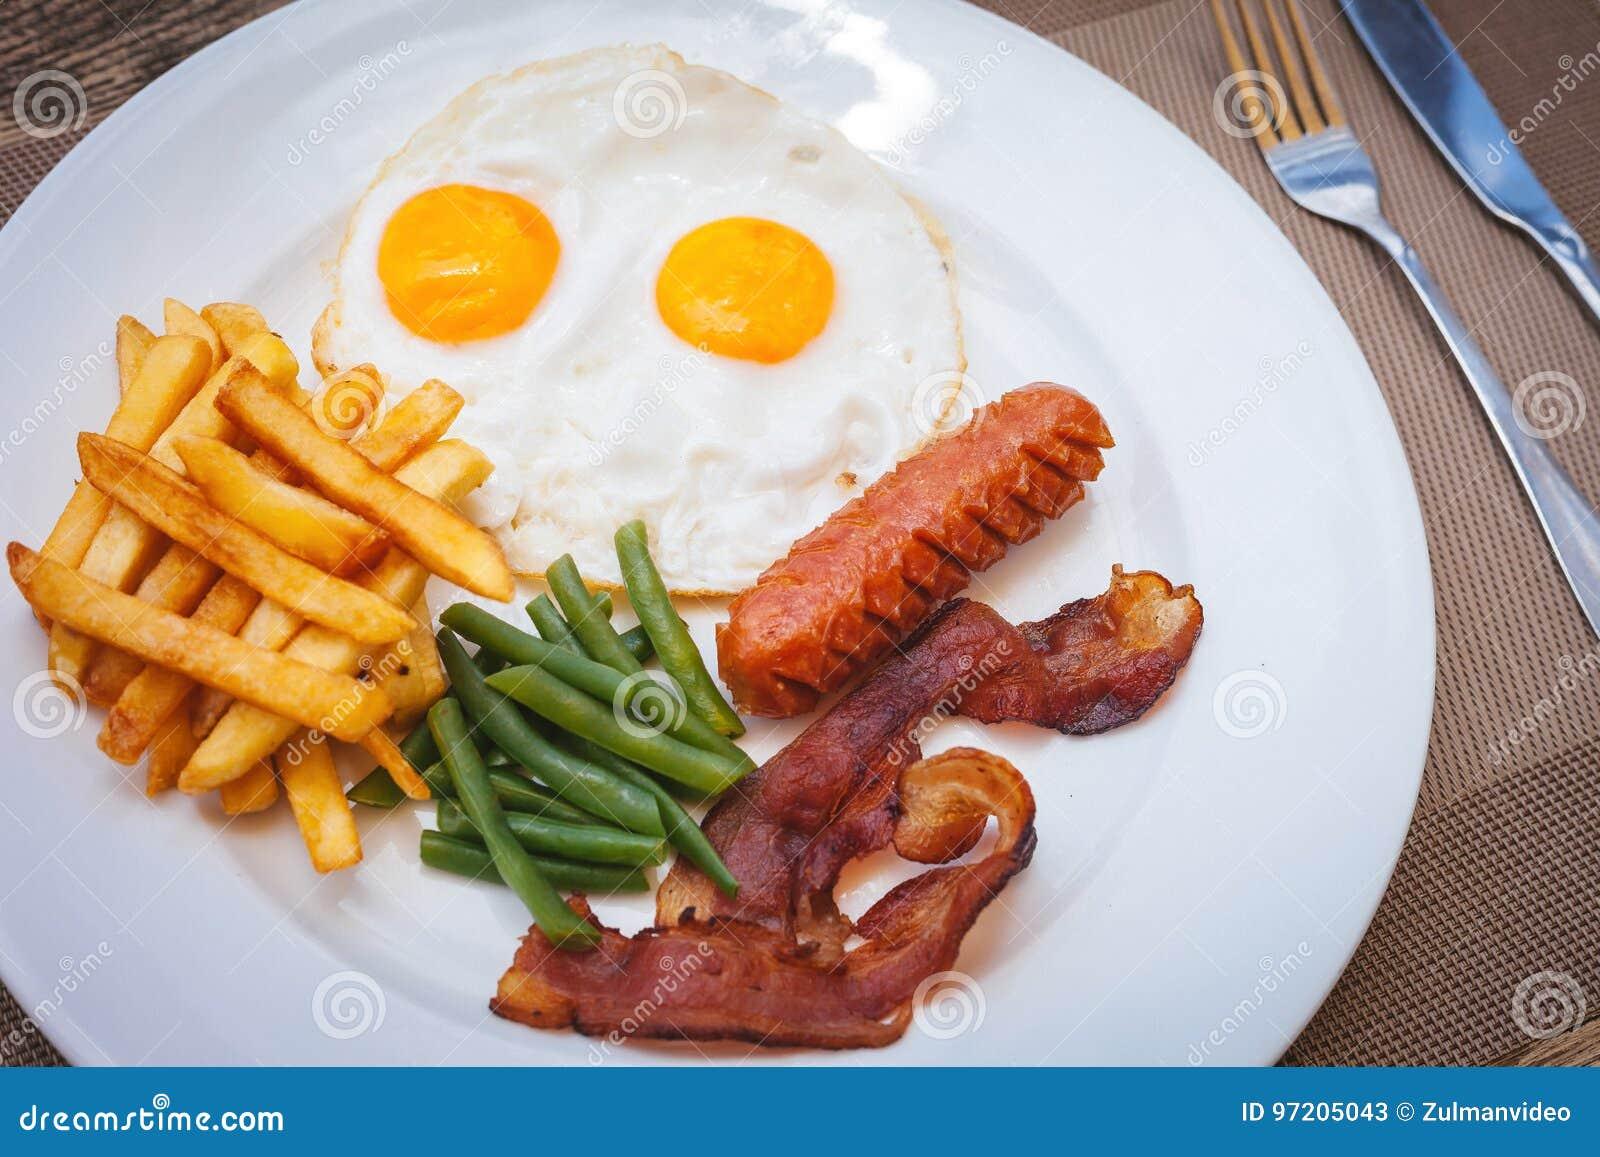 Desayuno Inglés Con Los Huevos Fritos El Tocino Las Salchichas